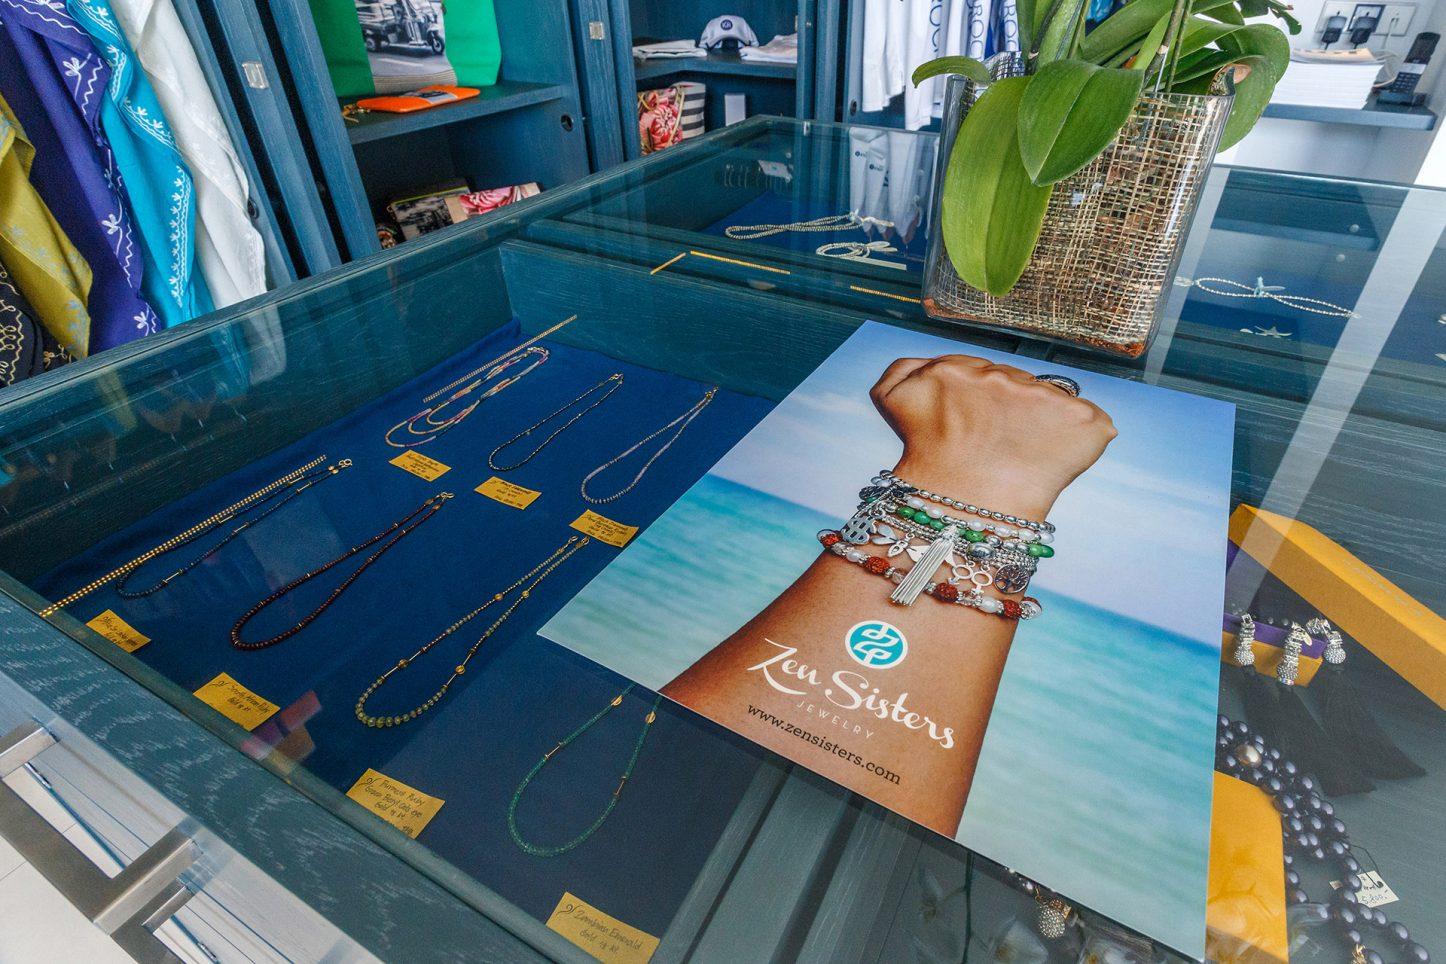 Phuket Jewelry Stores | Zen Sisters Jewelry | Kata Rocks Resort Phuket Thailand